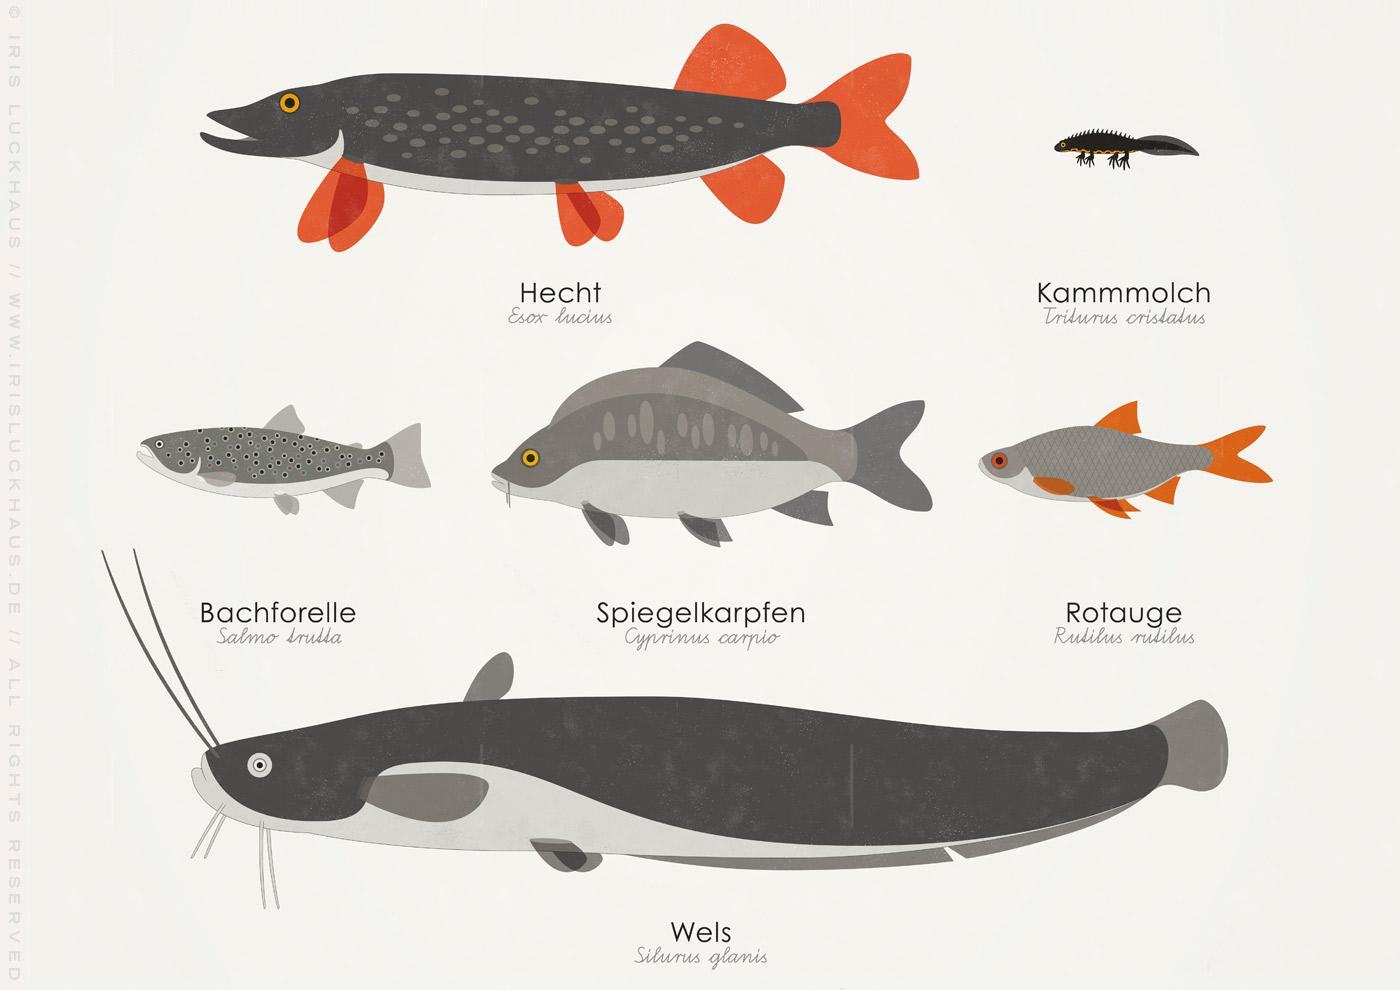 Heimische Wassertiere und wie Du sie erkennst mit Form, Zeichnung und Habitus von Salamander, Grasfrosch, Laubfrosch, Gelbbauchunke, Hecht, Kammmolch, Bachforelle, Spiegelkarpfen, Rotauge, Wels, Flusskrebs, Sumpfschildkröte, Ringelnatter und Aal; Fische, Reptilien und Amphibien, an und im Wasser